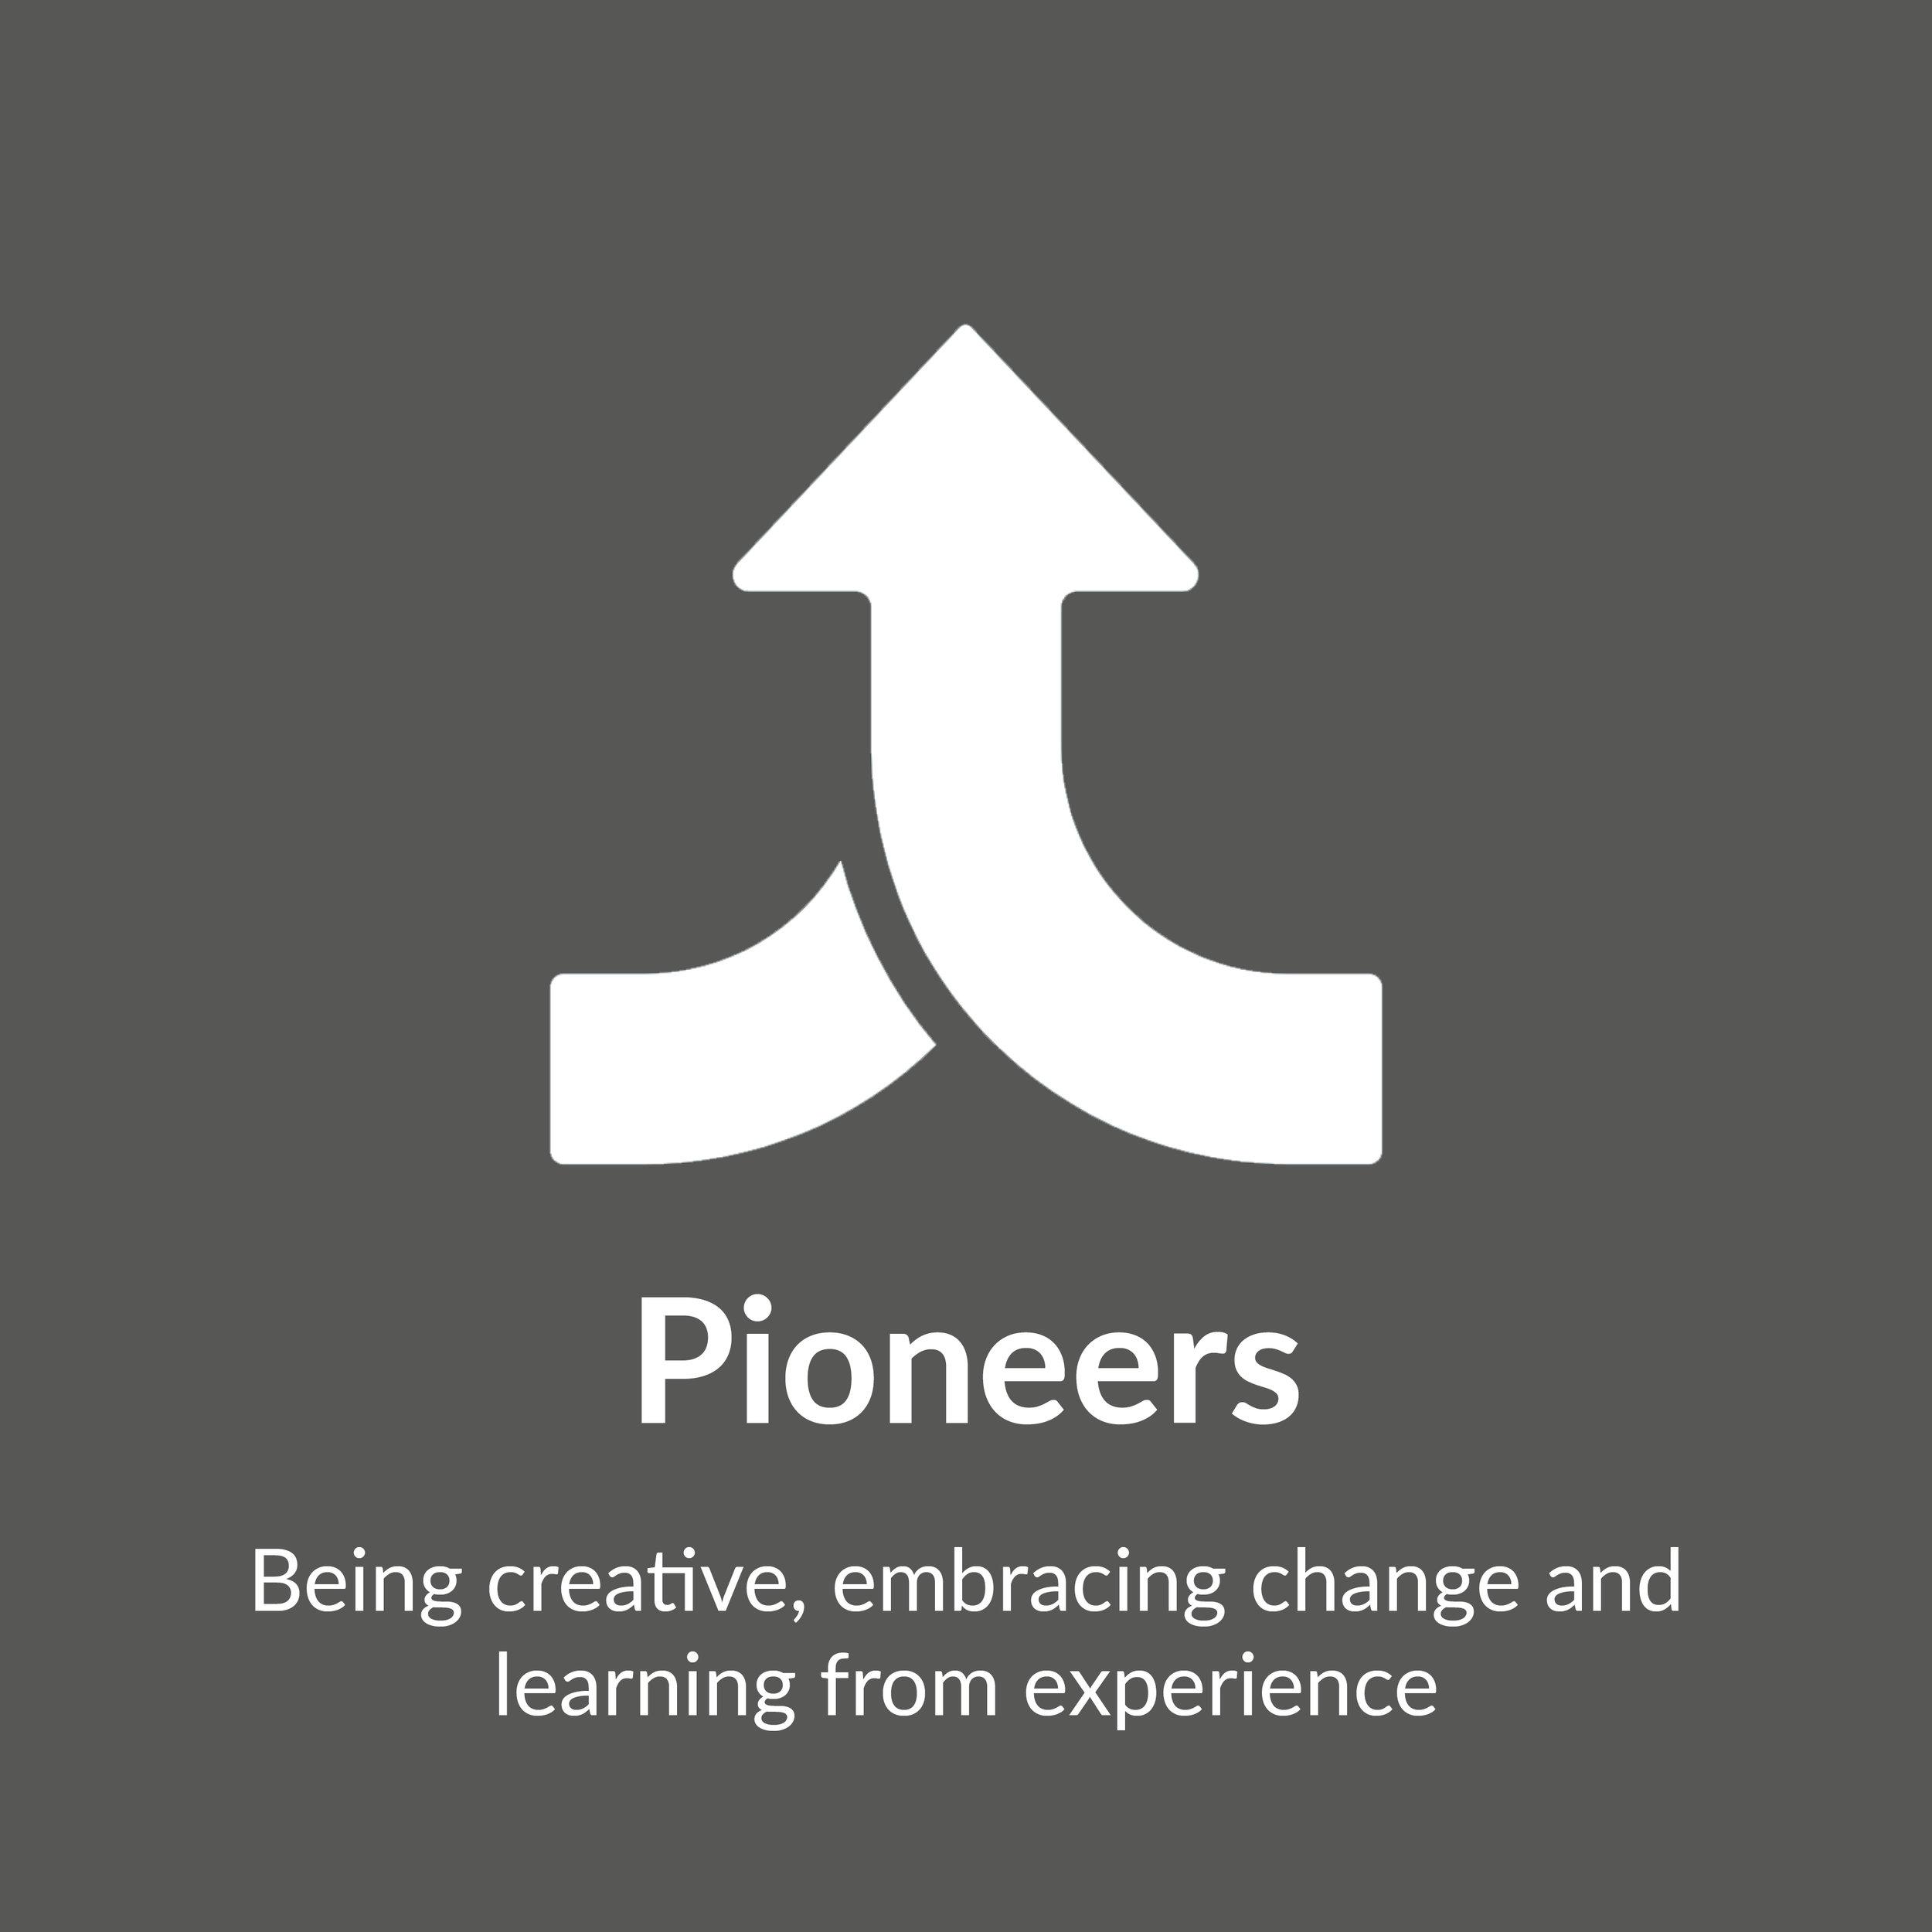 Pioneers.jpg